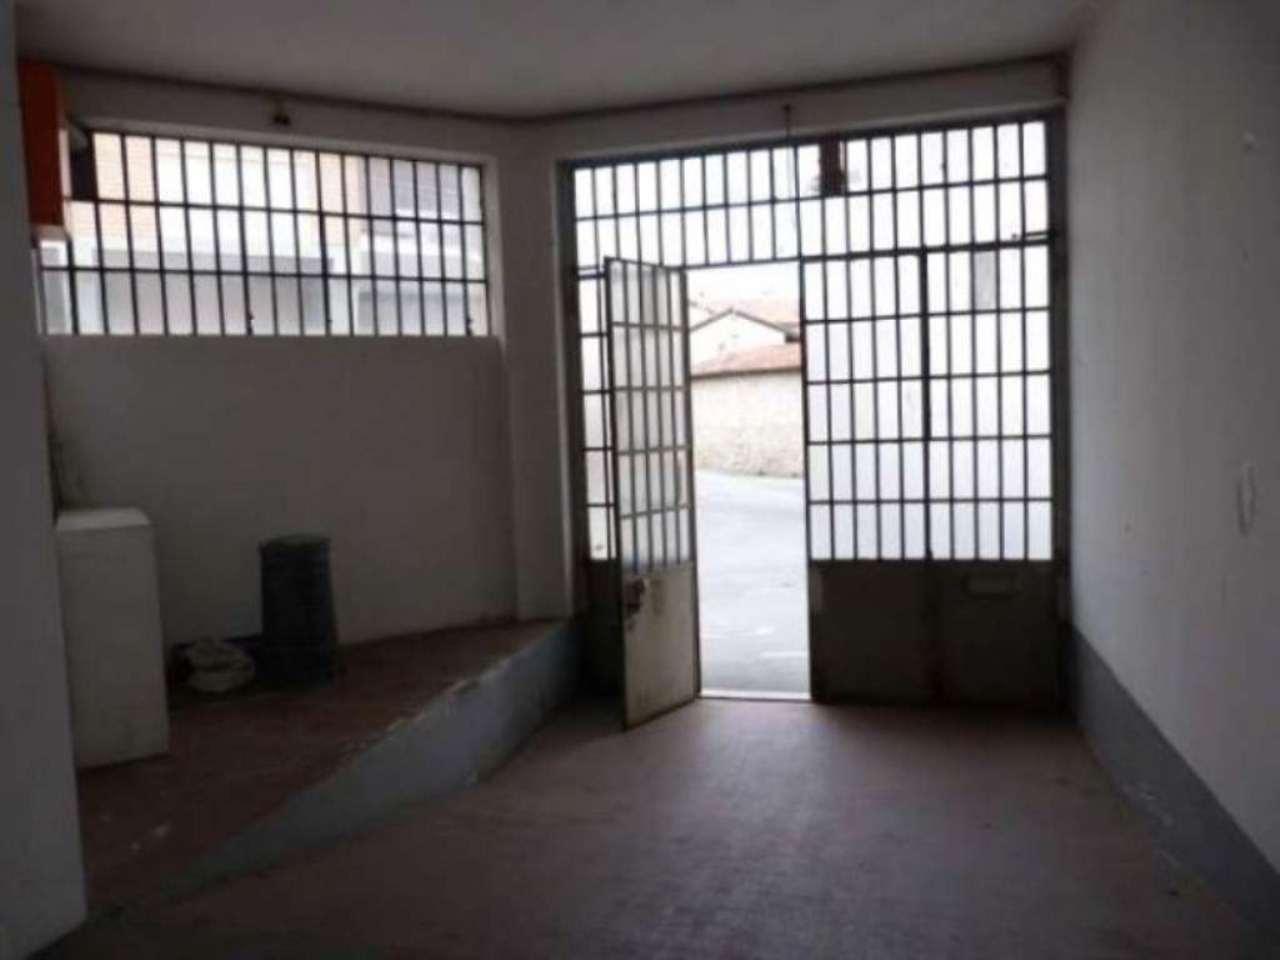 Capannone in vendita a Villa Guardia, 4 locali, prezzo € 190.000 | Cambio Casa.it